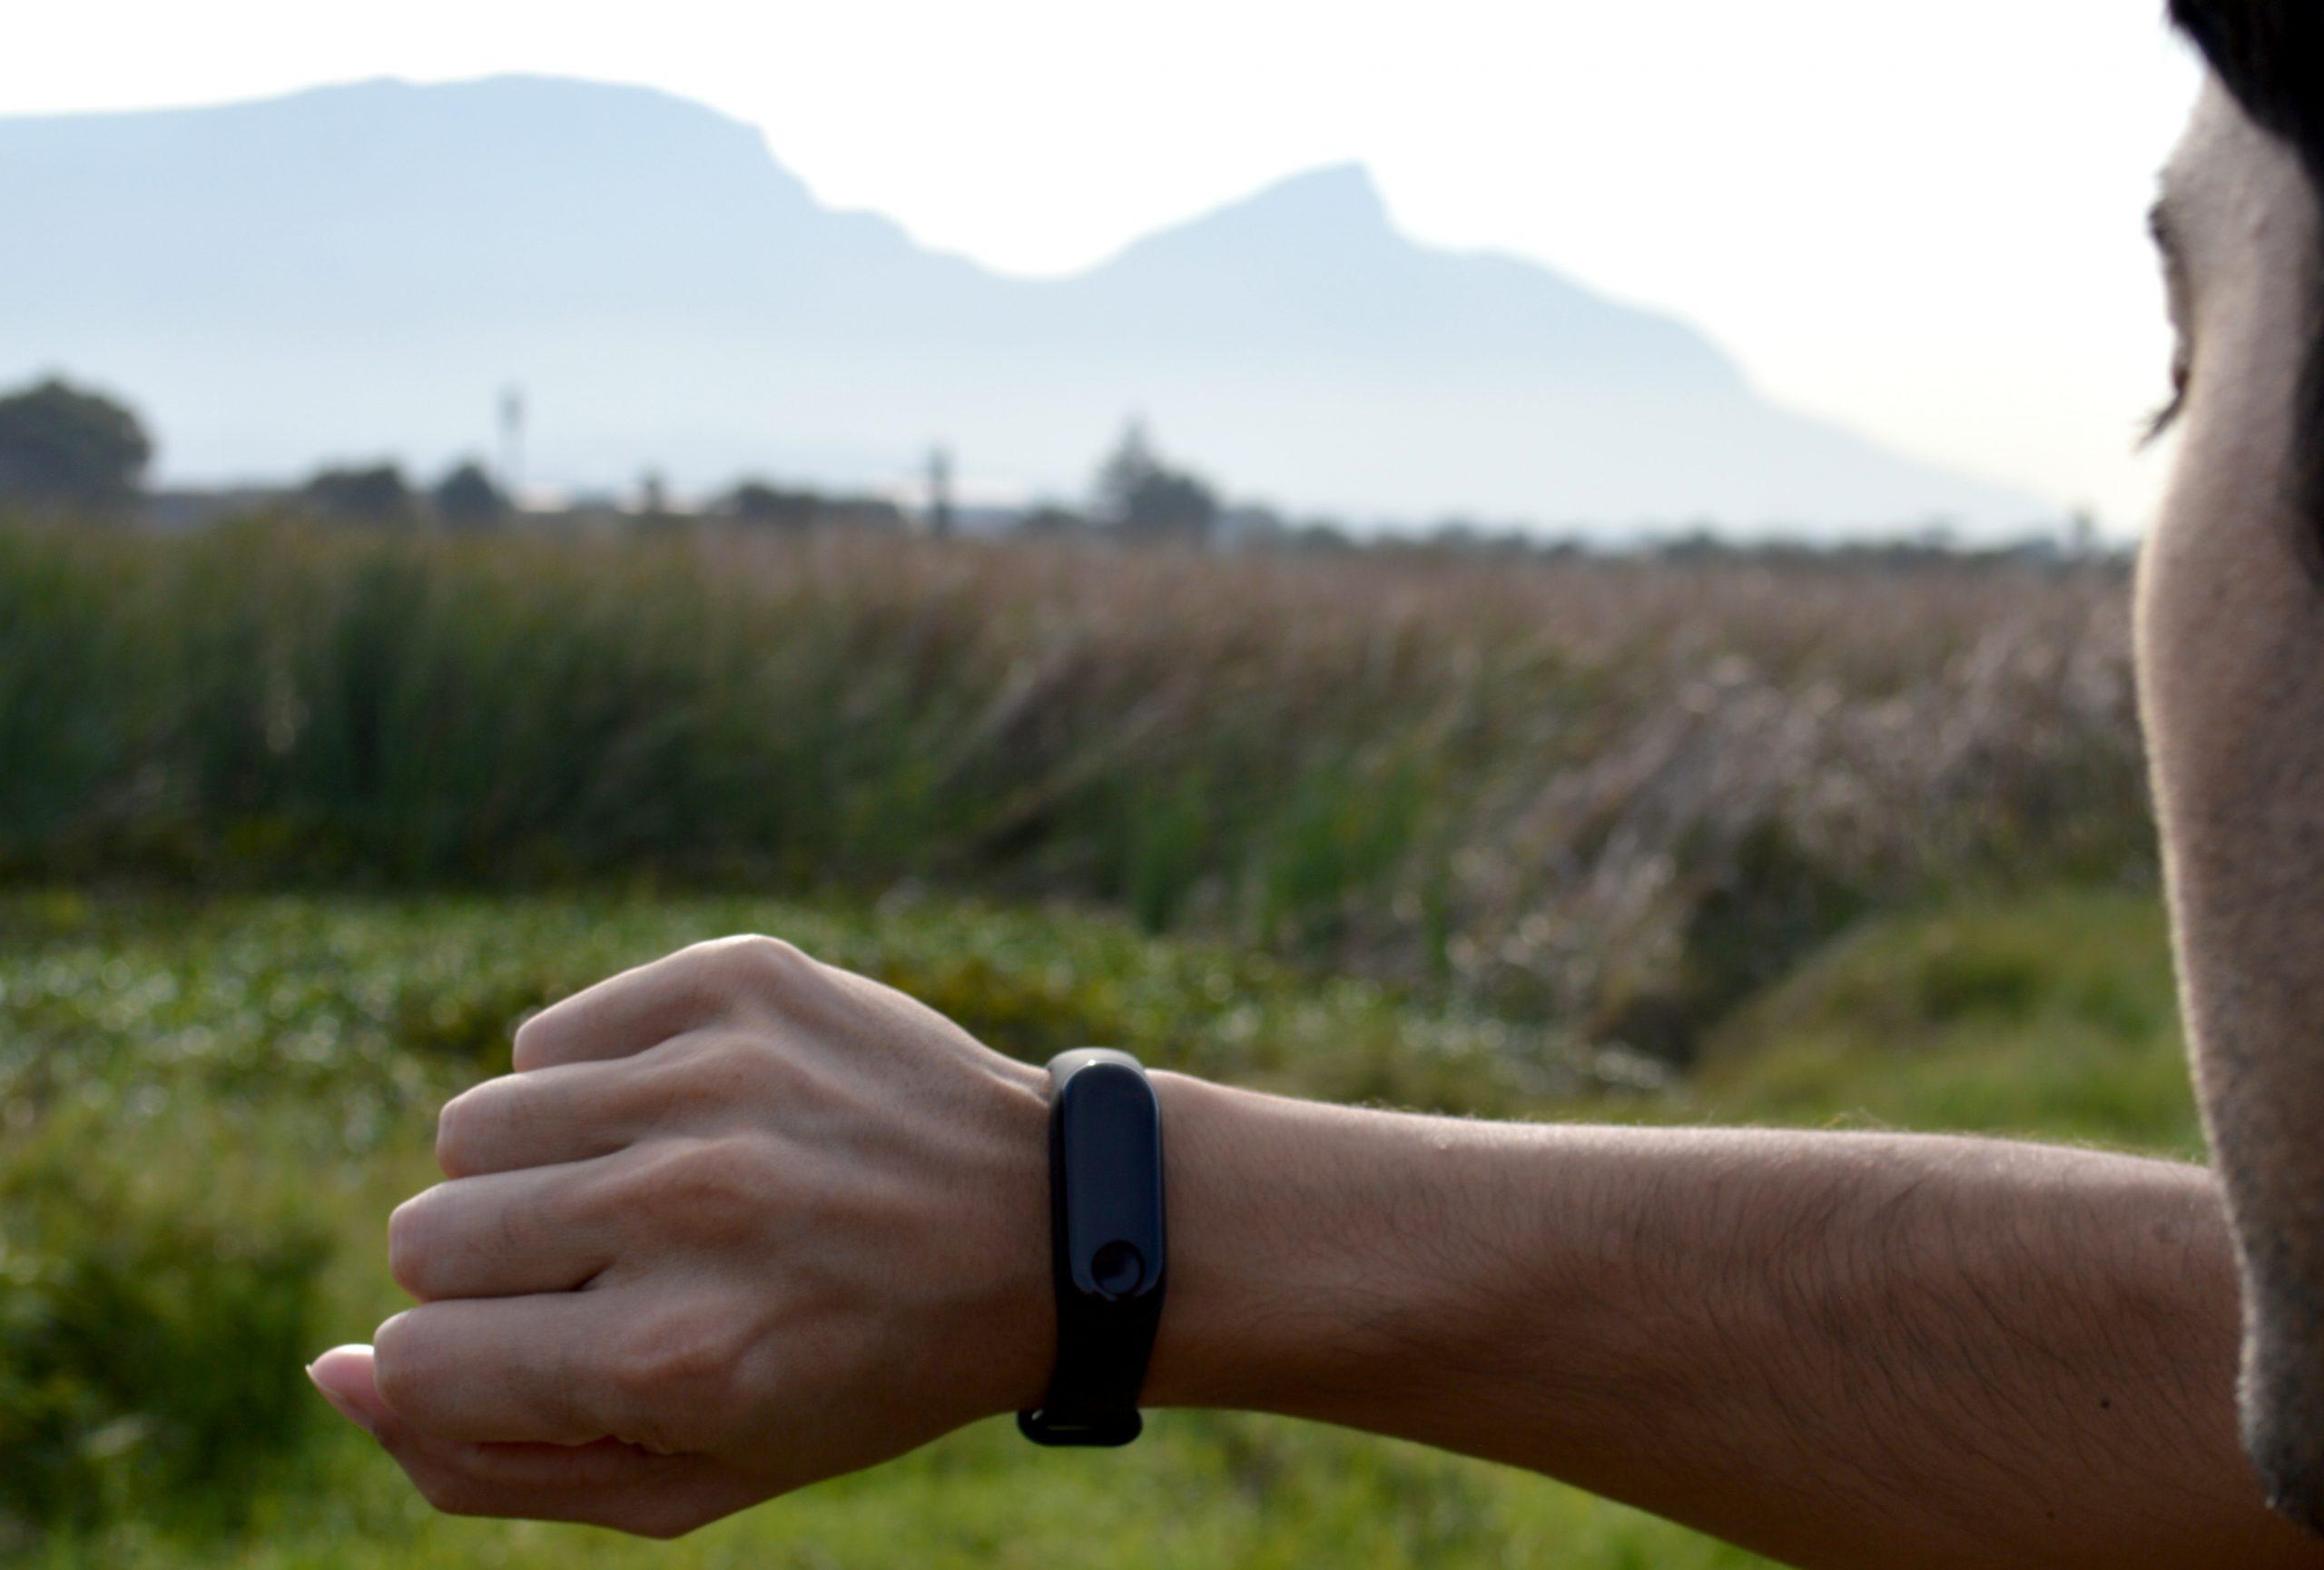 Samsung Fitness Tracker: Test & Empfehlungen (09/20)